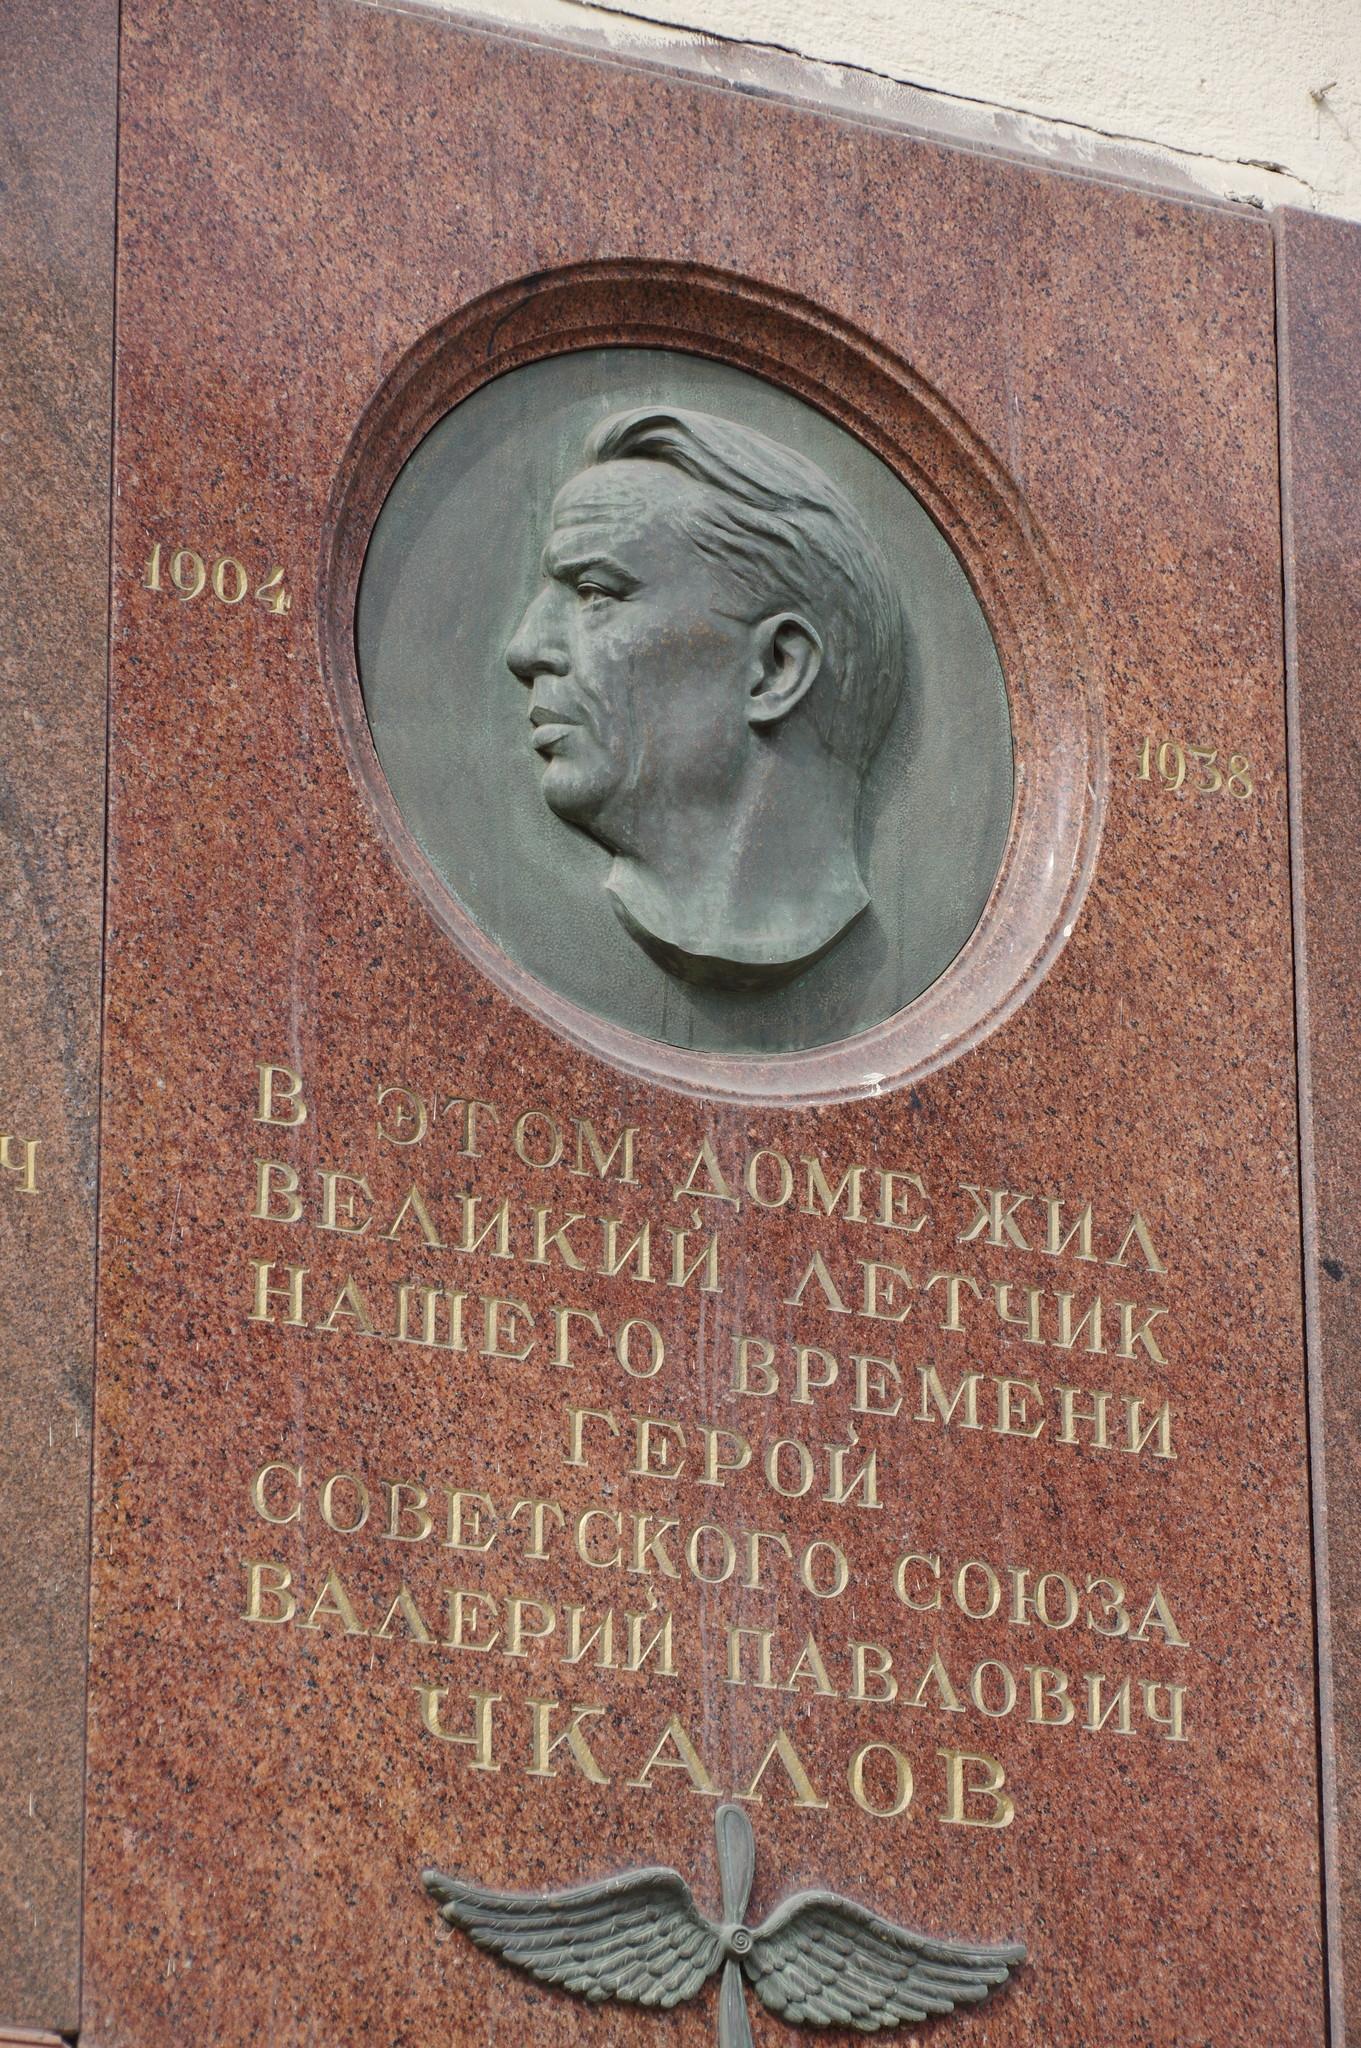 Мемориальная доска на фасаде дома в котором жил Герой Советского Союза Валерий Павлович Чкалов (улица Земляной Вал, дом 14-16, строение 1)